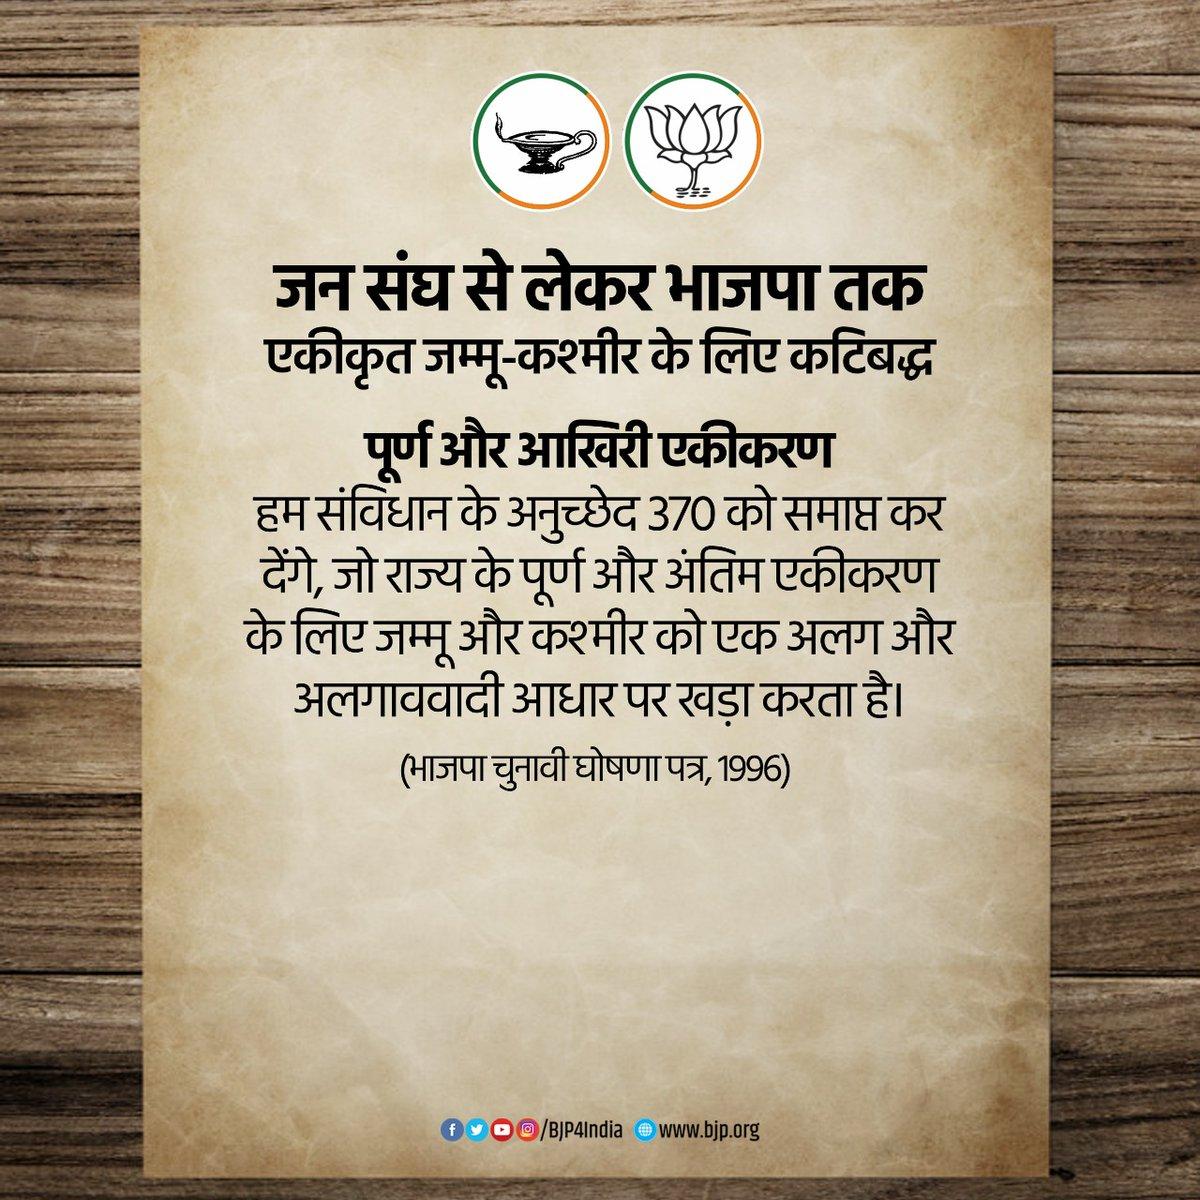 पूर्ण और आखिरी एकीकरण हम संविधान के अनुच्छेद 370 को समाप्त कर देंगे, जो राज्य के पूर्ण और अंतिम एकीकरण के लिए जम्मू और कश्मीर को एक अलग और अलगाववादी आधार पर खड़ा करता है। - भाजपा चुनावी घोषणा पत्र, 1996 #OneYearOfNoArticle370